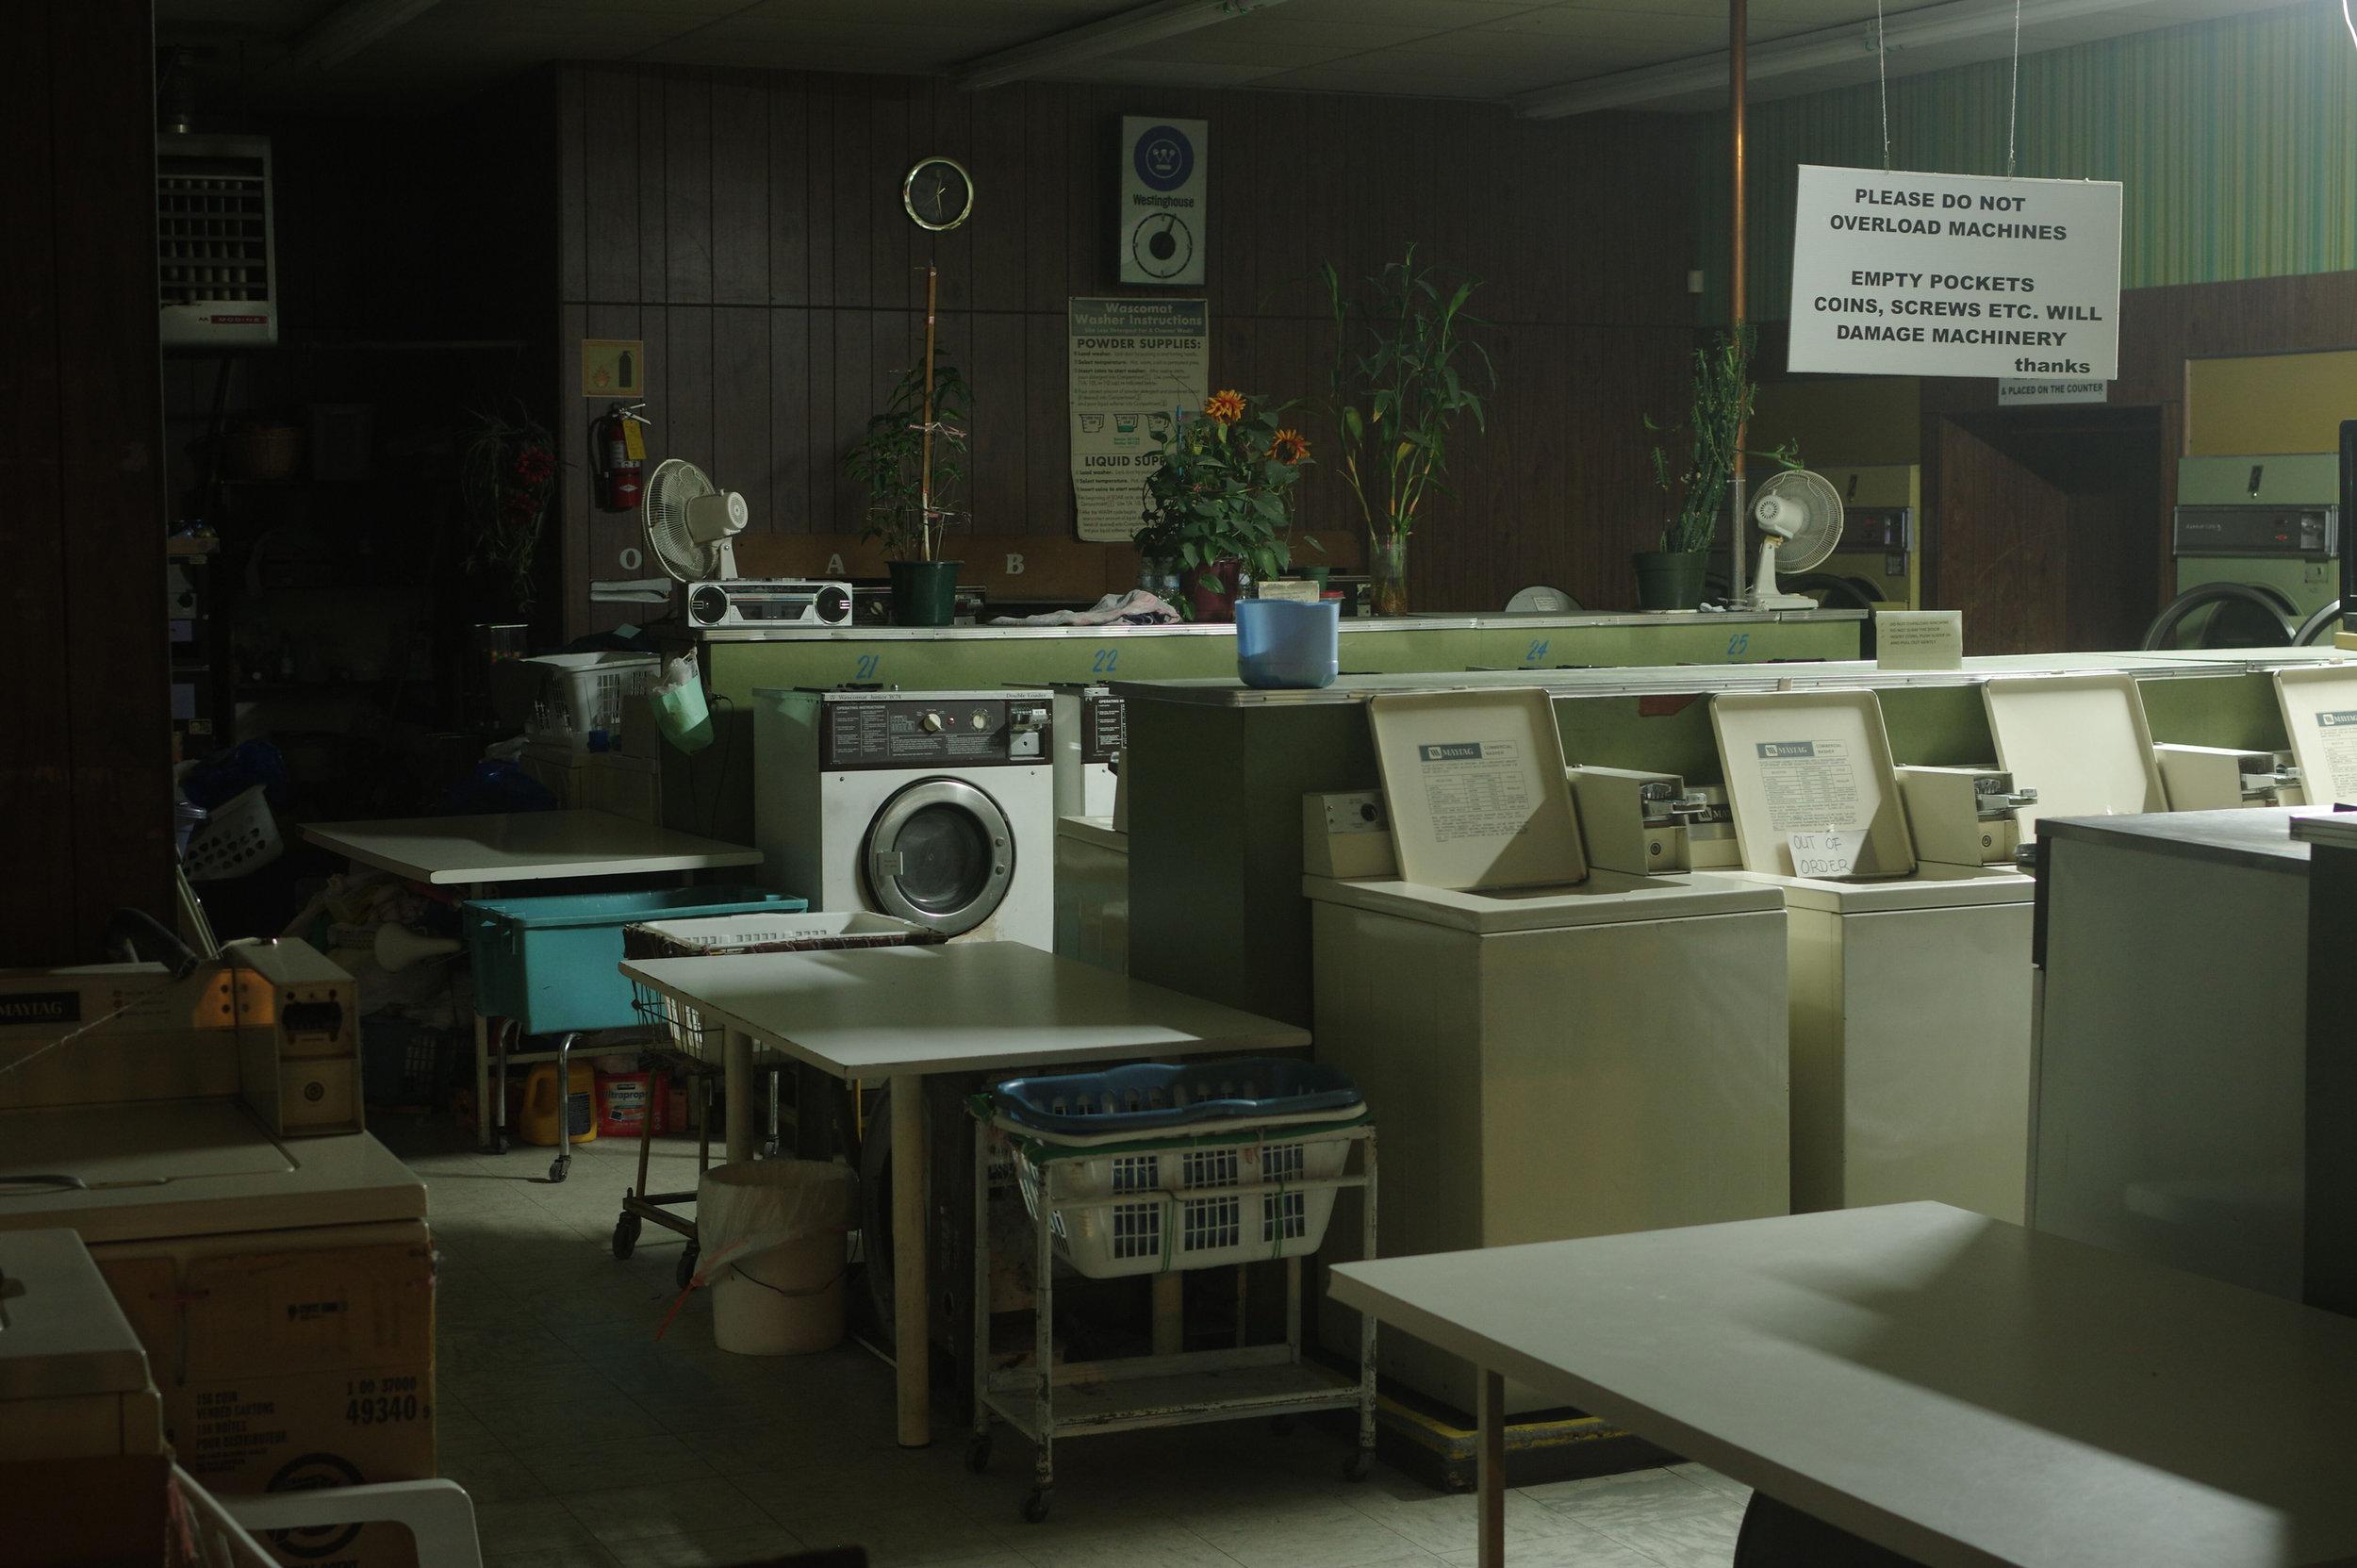 Laundromat, 2019. Technique: Digital Long Exposure.